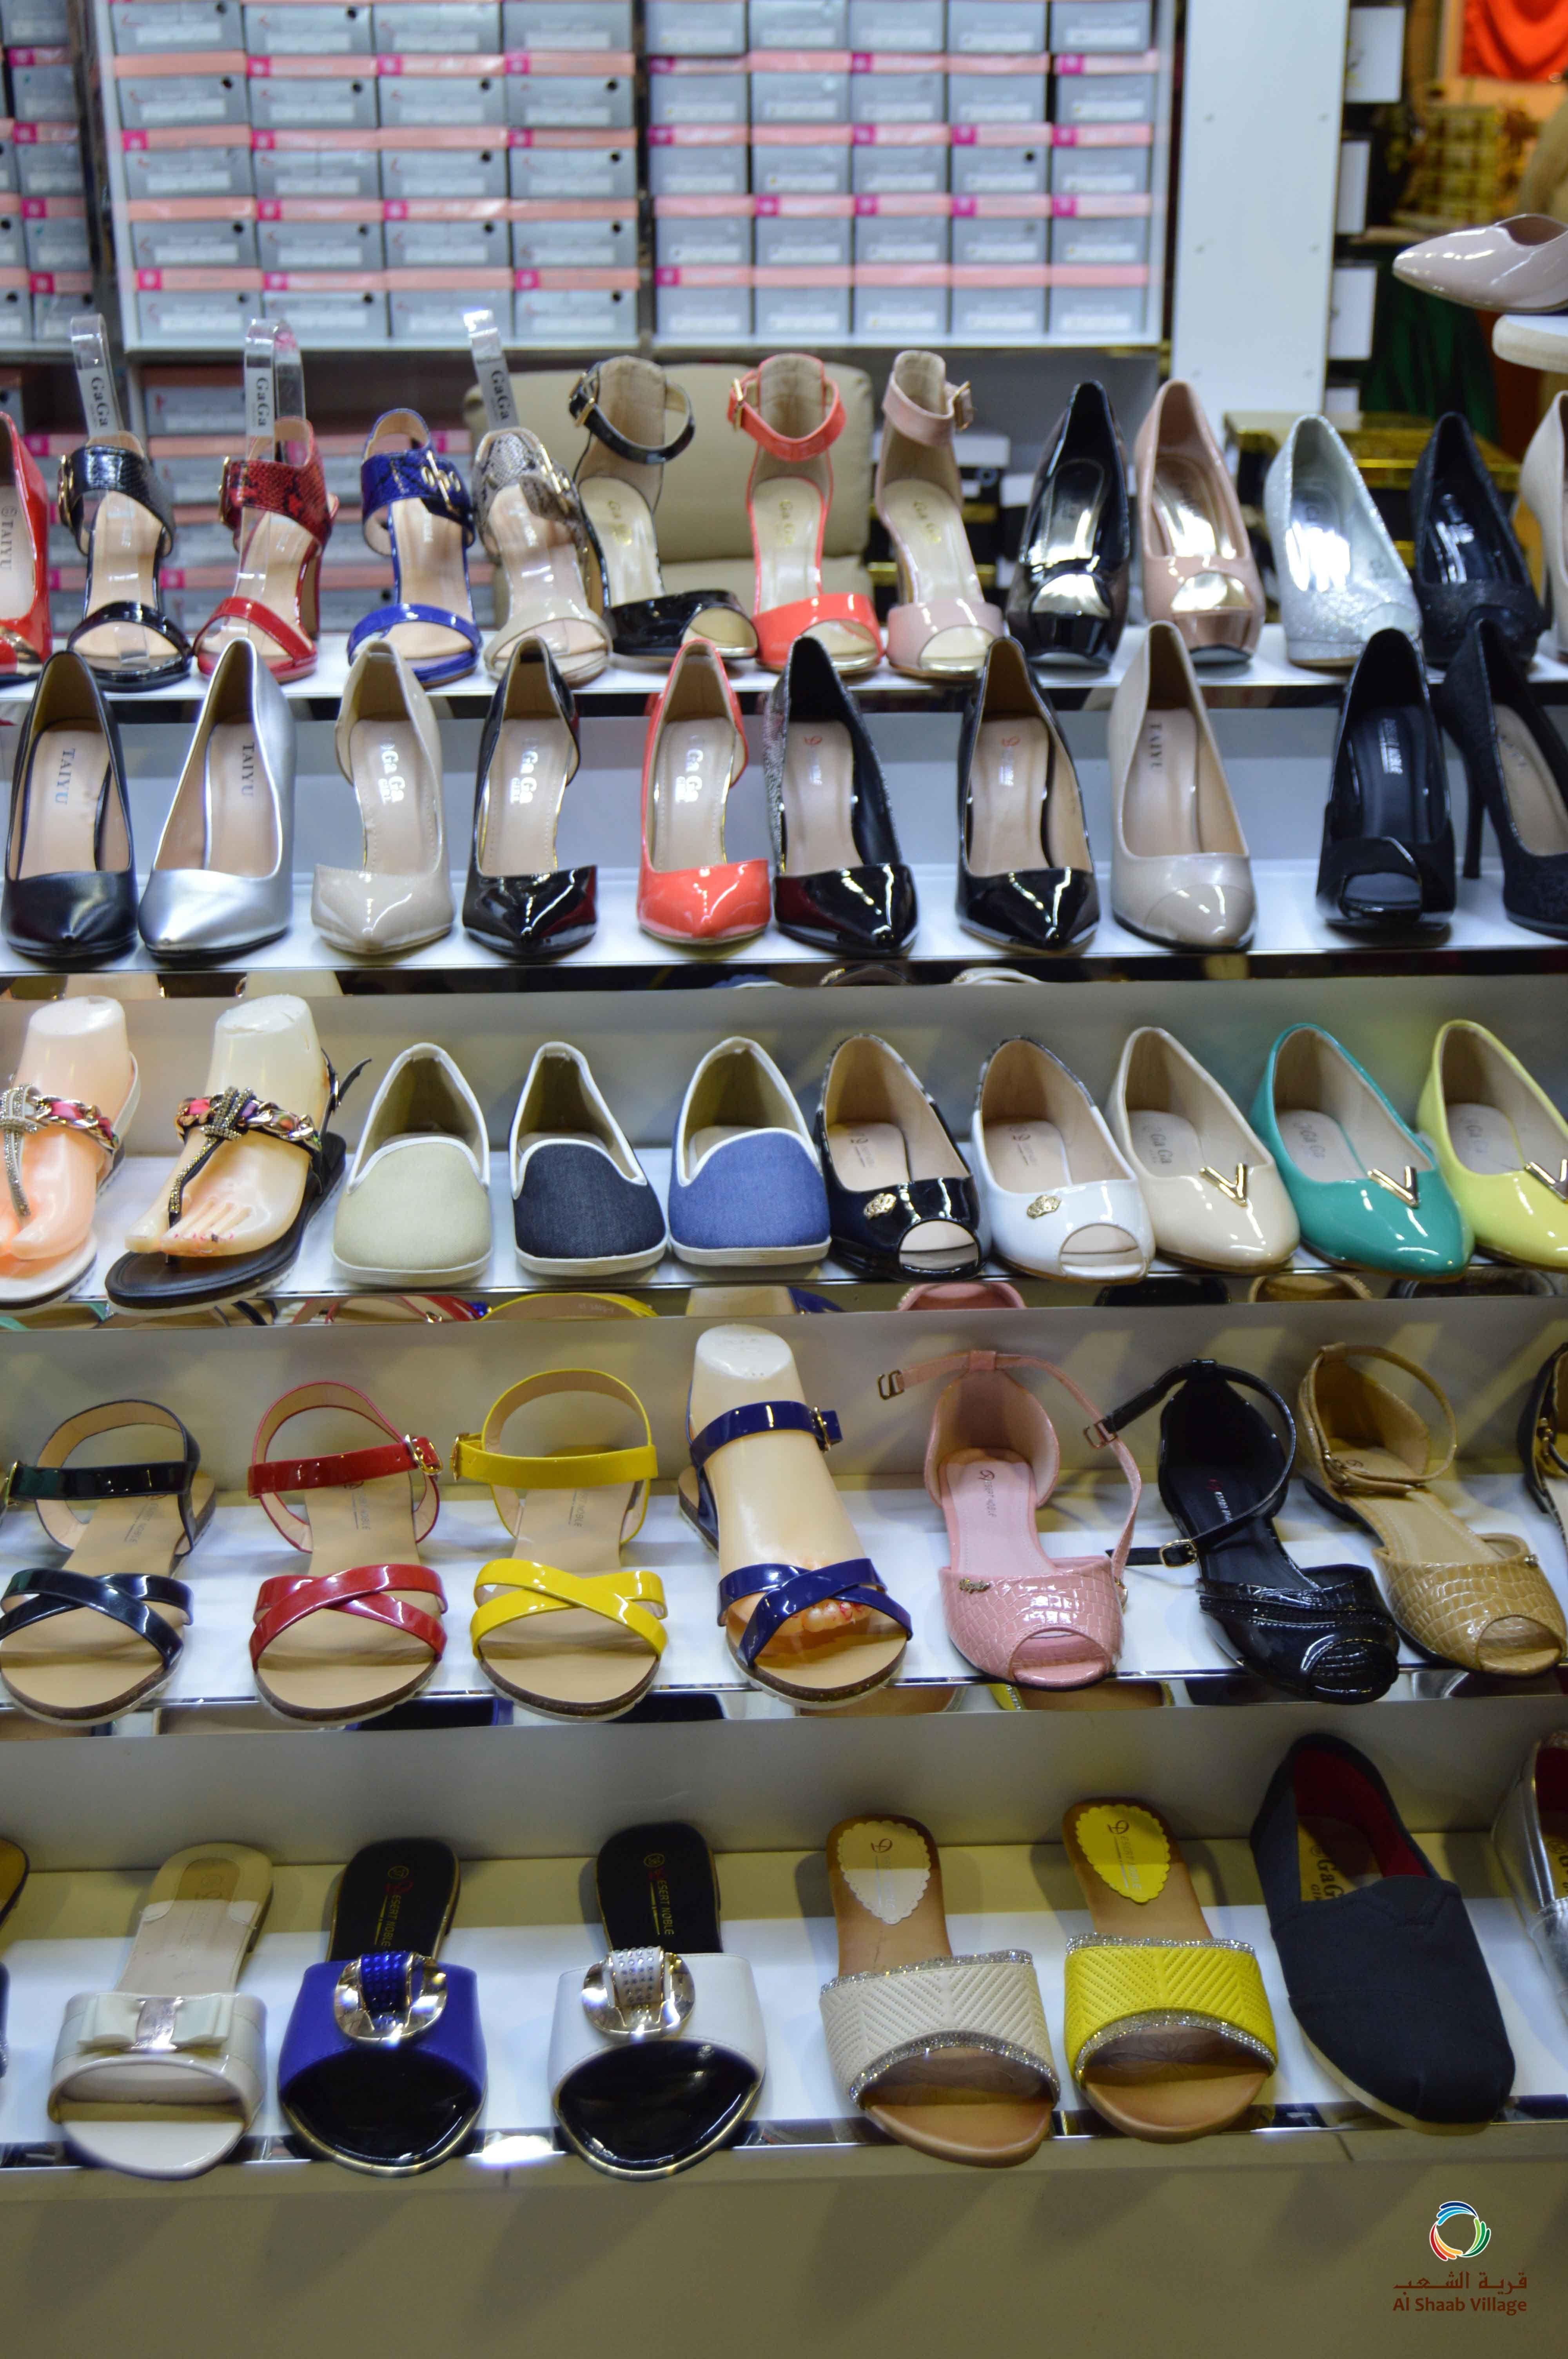 قرية الشعب بنادي الشعب الشارقة Al Shaab Village In Al Shaab Club Sharjah Sharjah Uae Alshaabvillage Shopping Traditional Dresses Shoe Rack